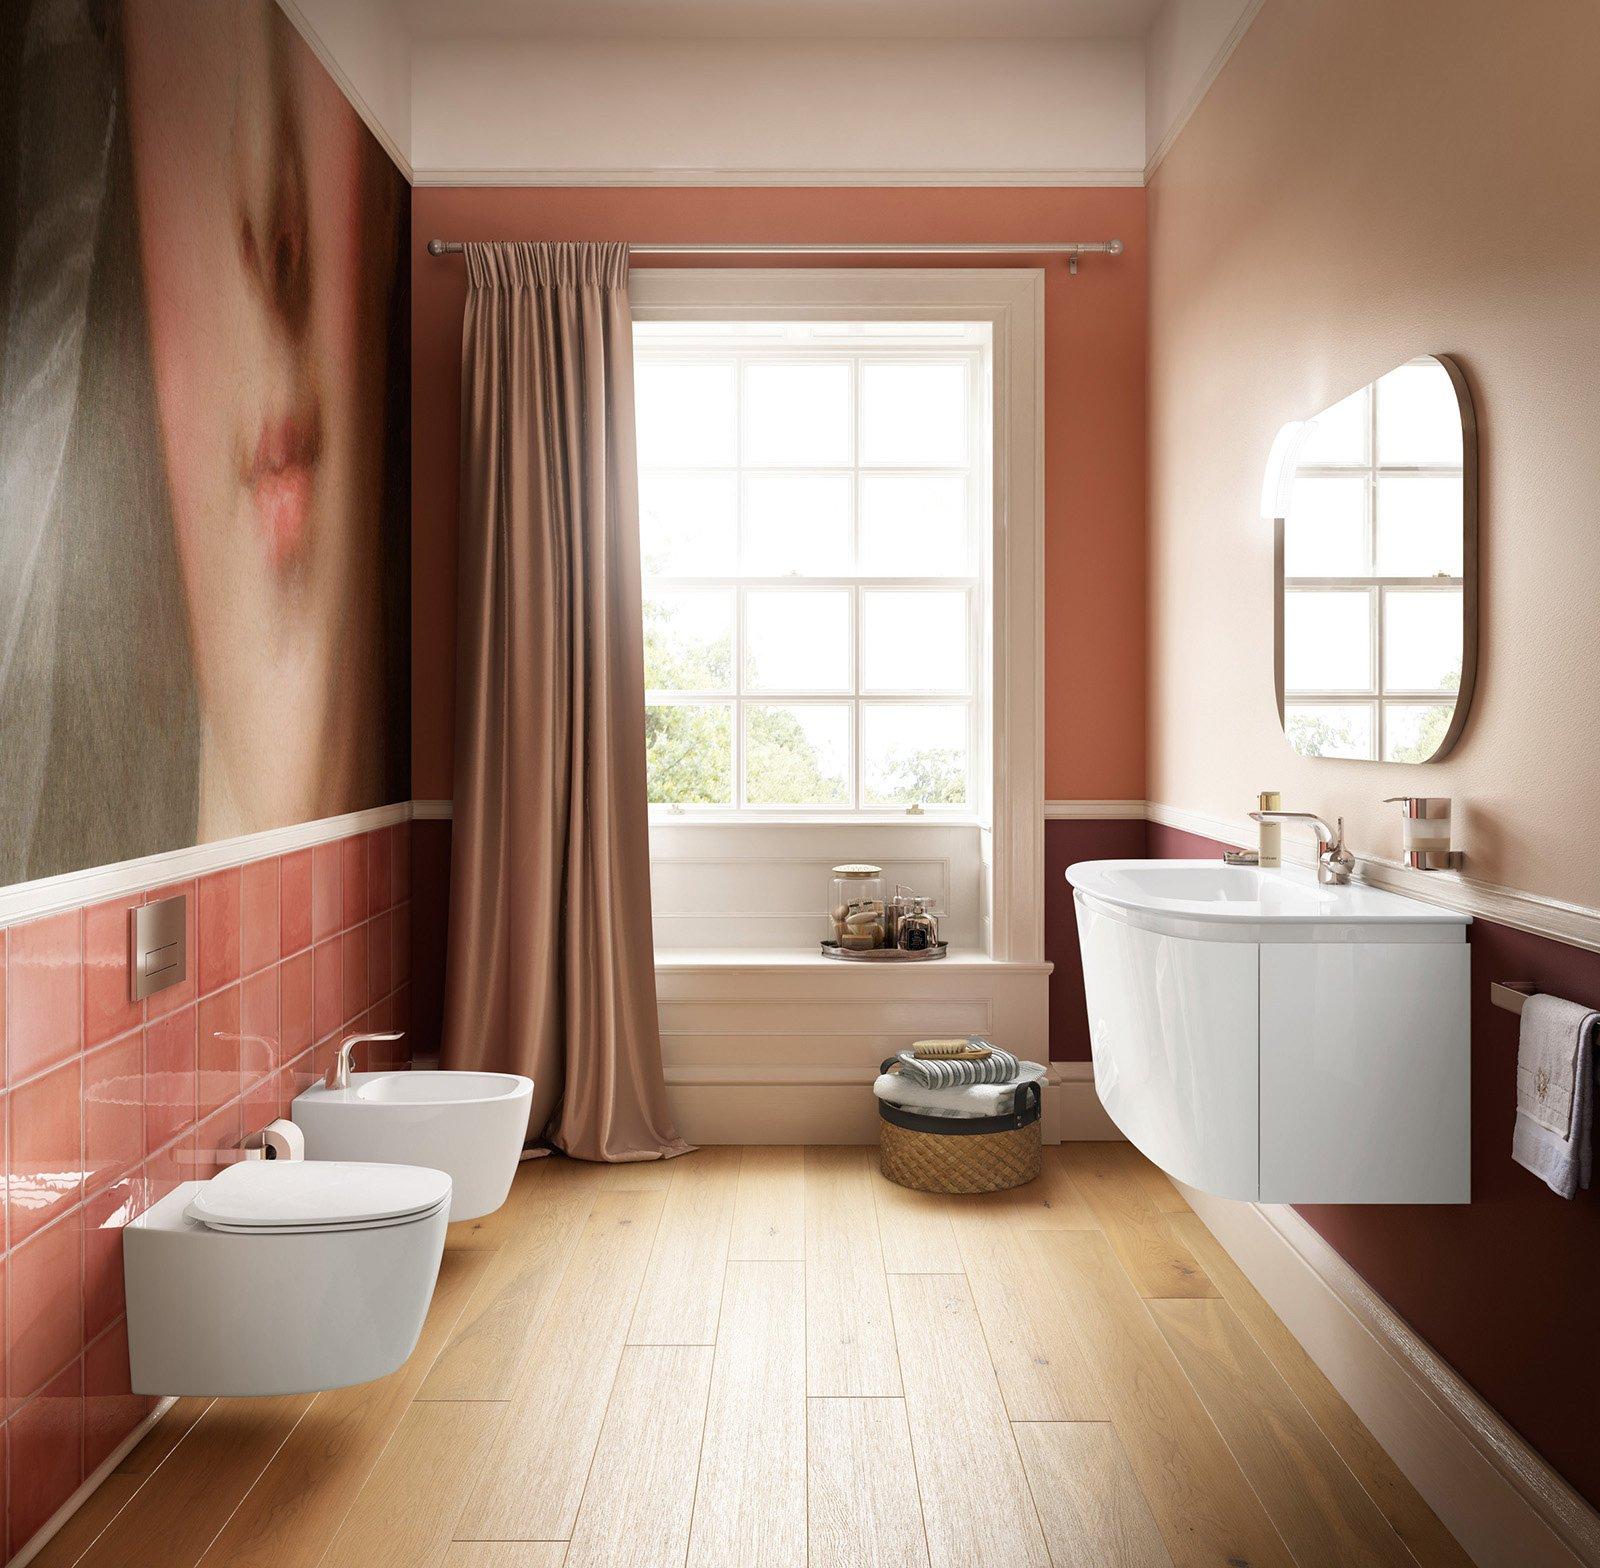 Sanitari sospesi per un bagno contemporaneo cose di casa - Altezza lavandino bagno ...